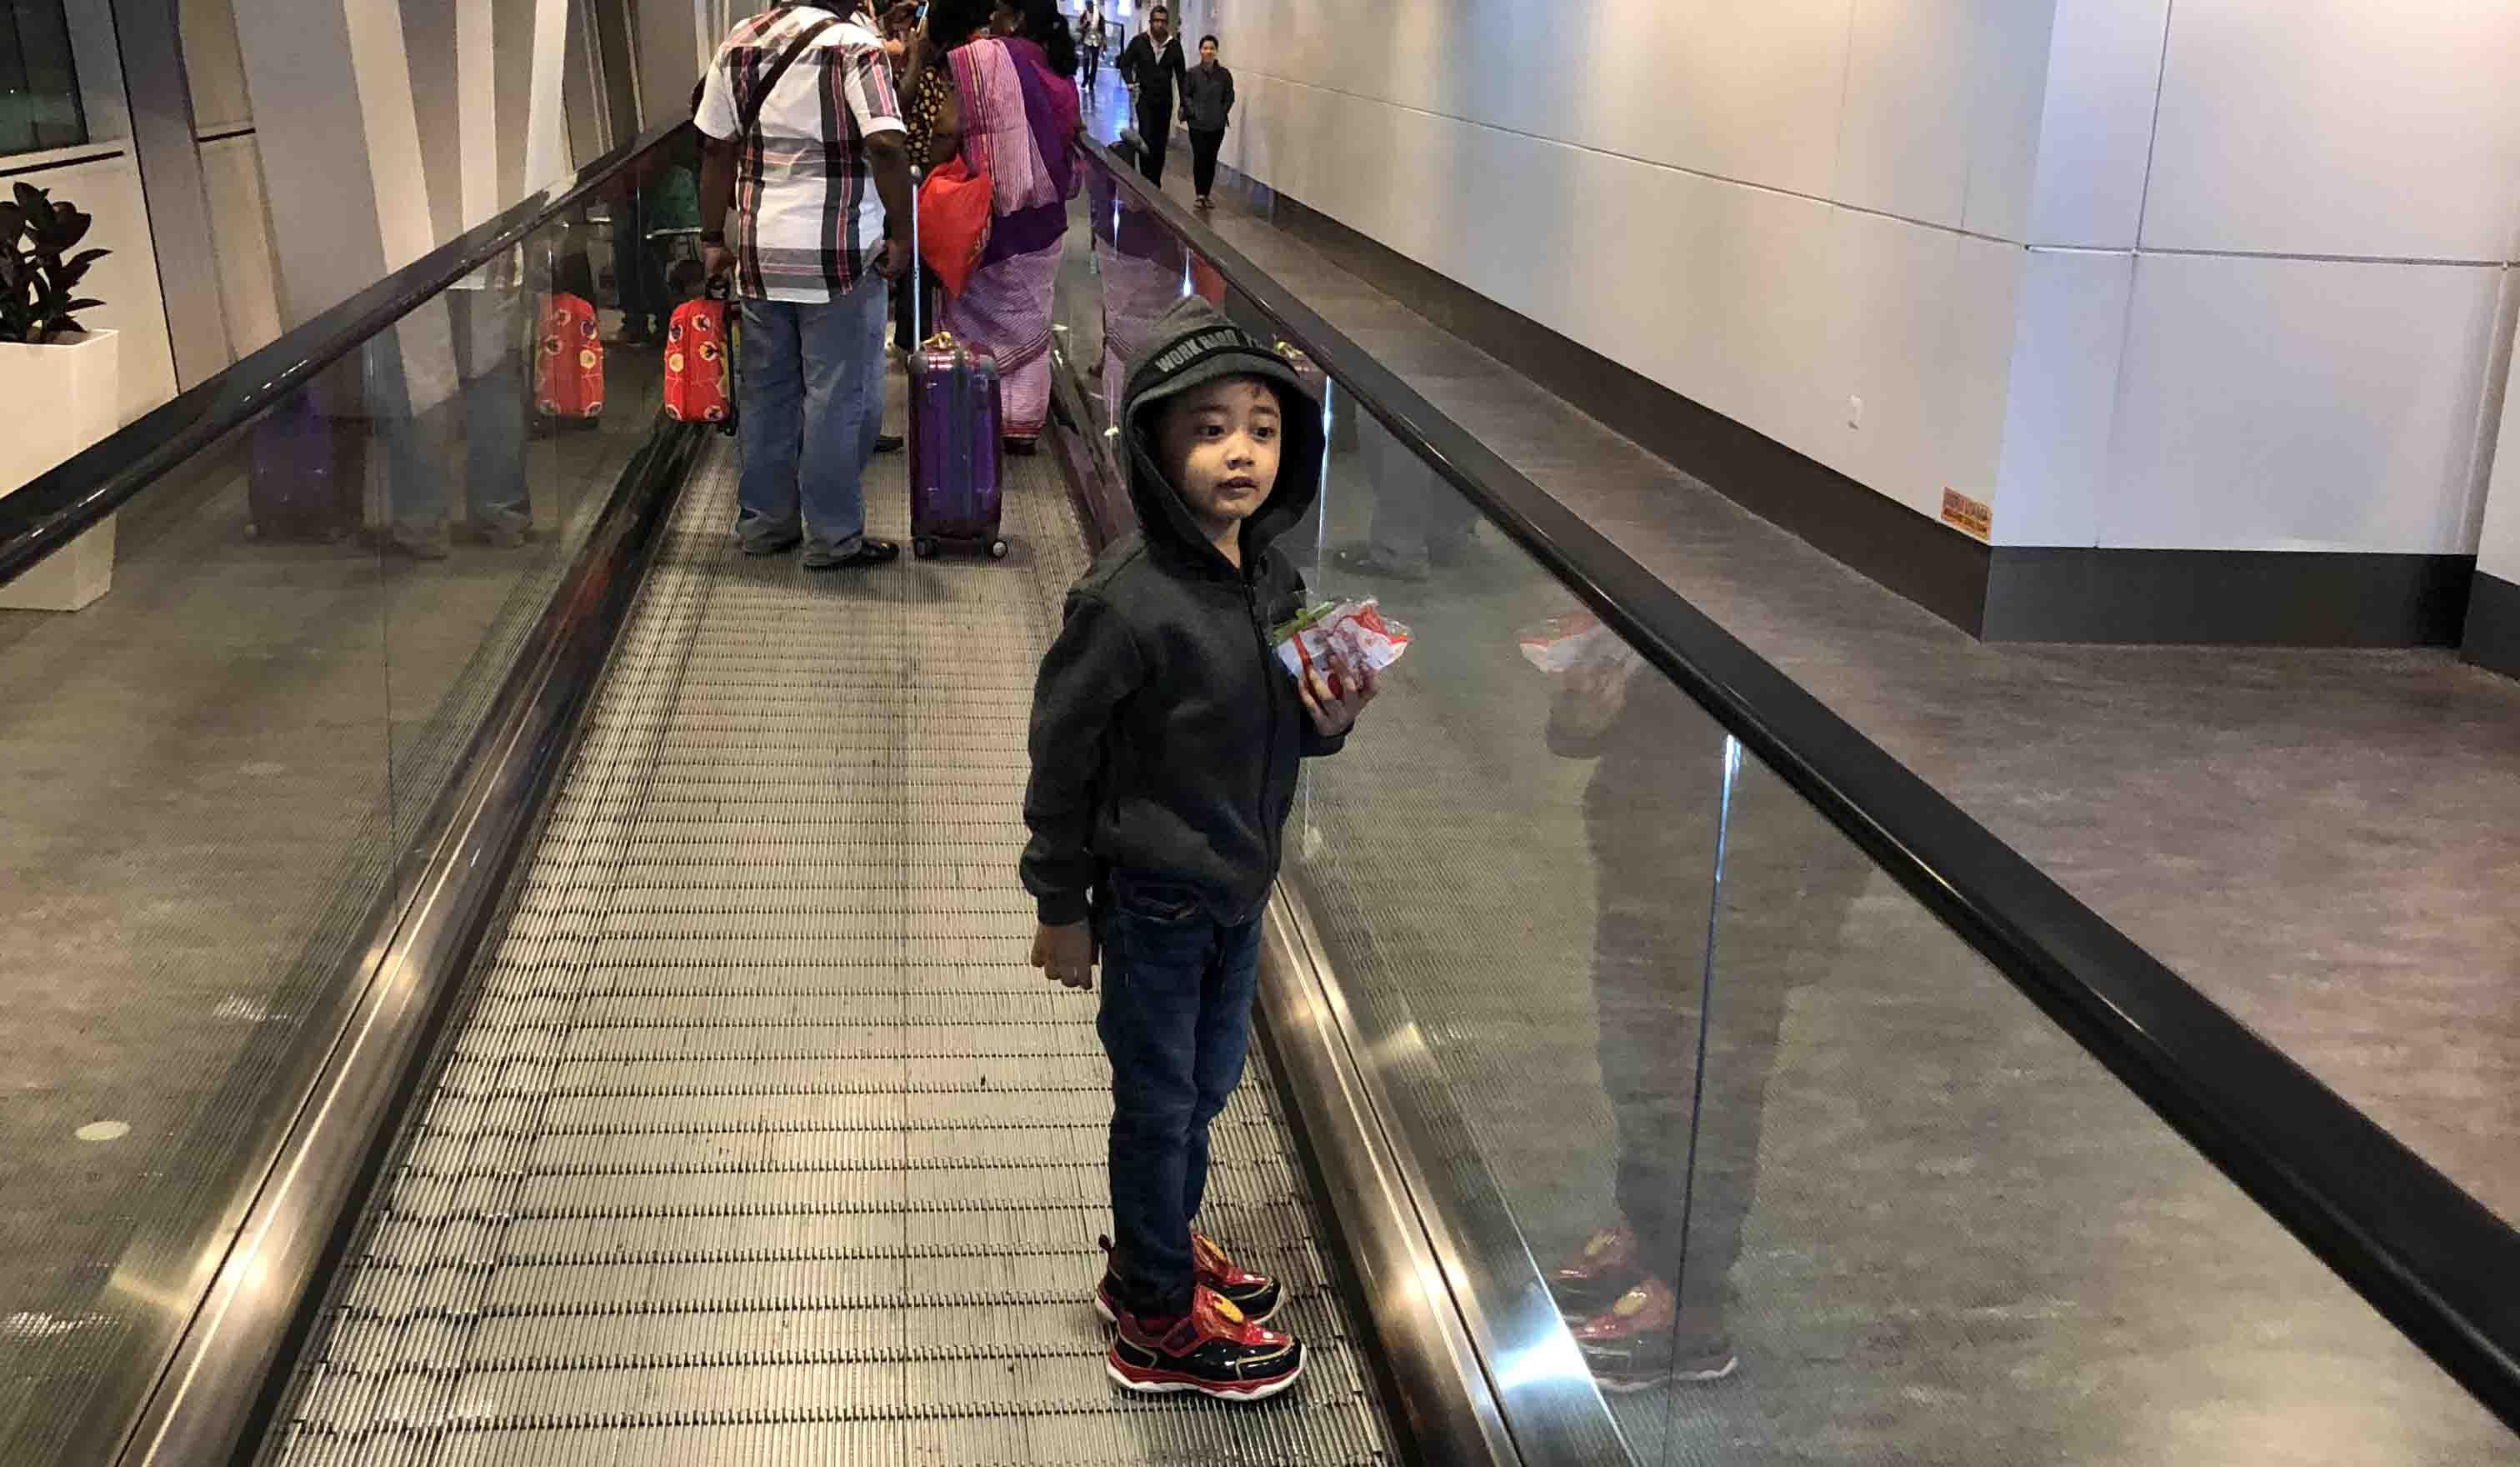 Pengalaman Terbang 7 Jam ke Osaka bersama Anak Kecil